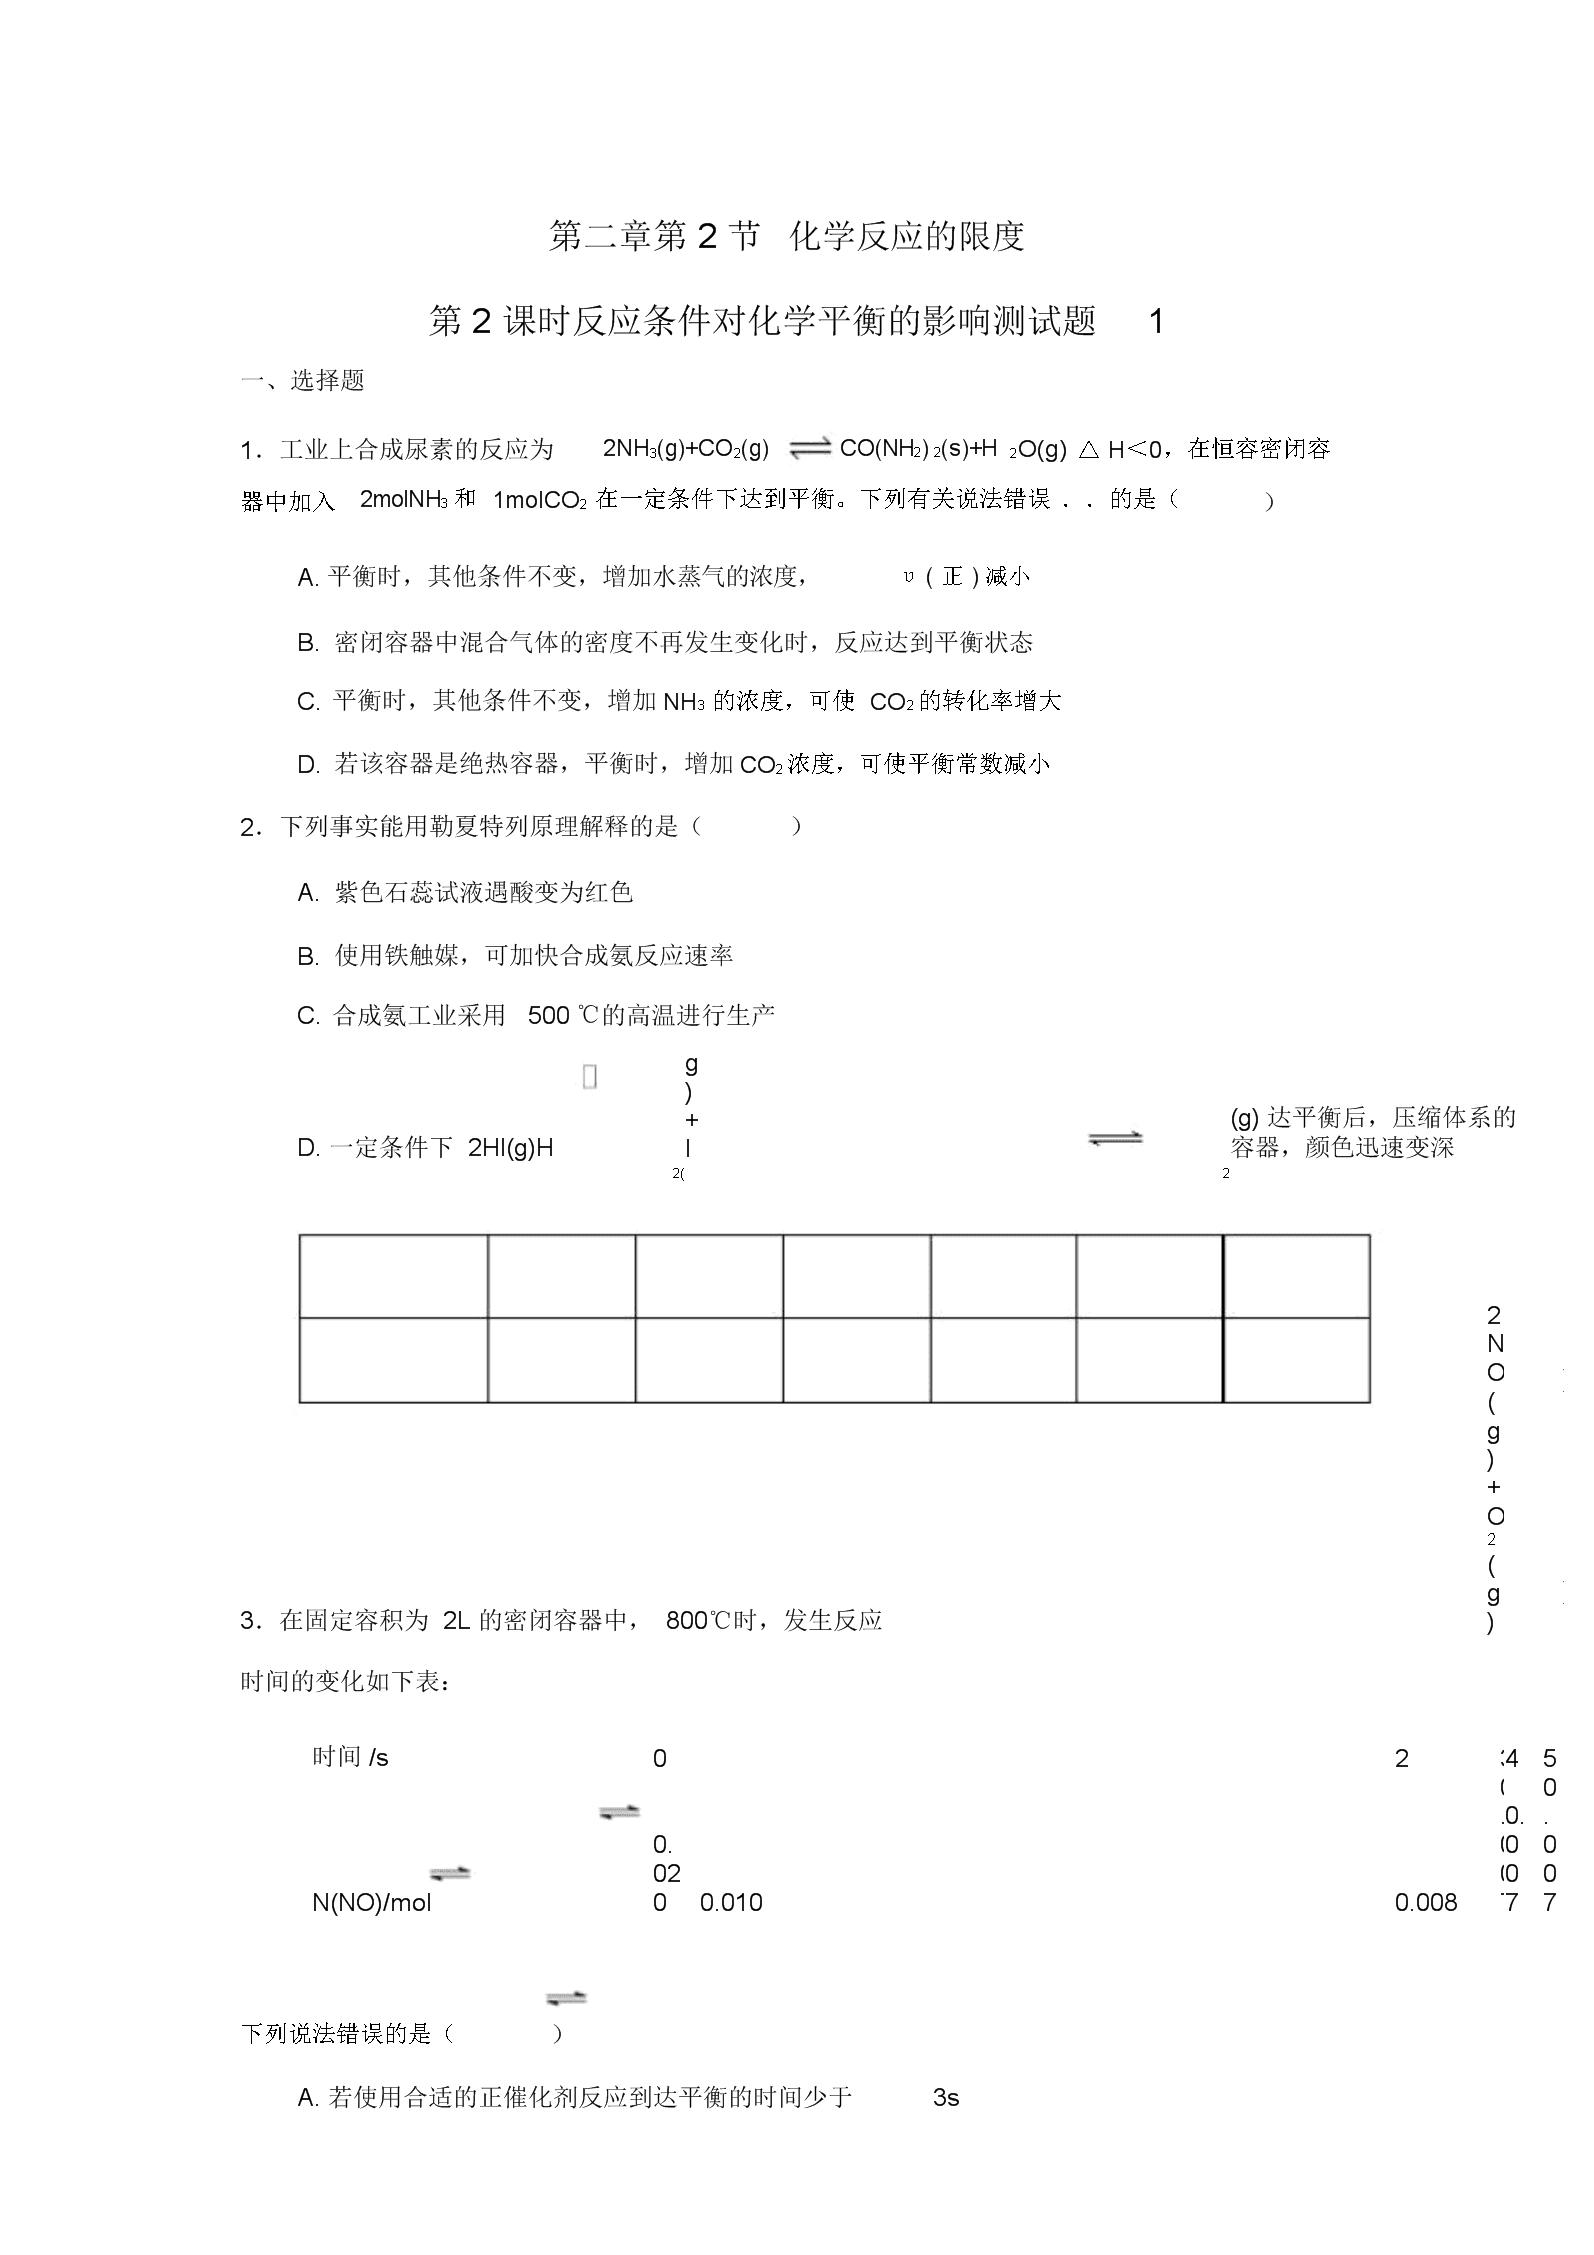 鲁科版高中化学选修4第2章第2节化学反应的限度第2课时反应条件对化学平衡的影响测试题1.docx